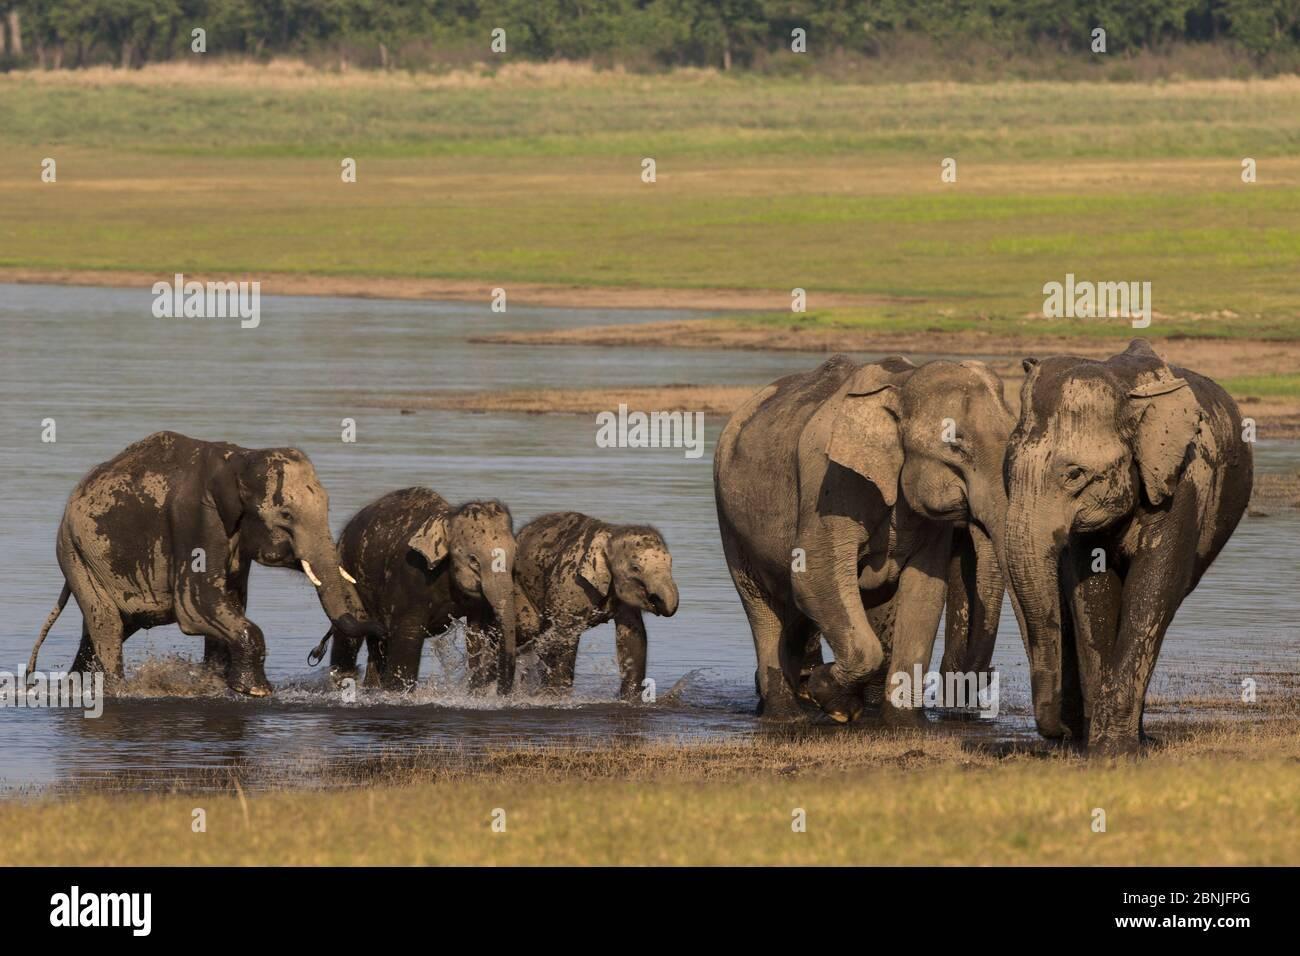 Éléphant asiatique (Elepha maxima), eau potable familiale et baignade, parc national Jim Corbett, Inde. Banque D'Images